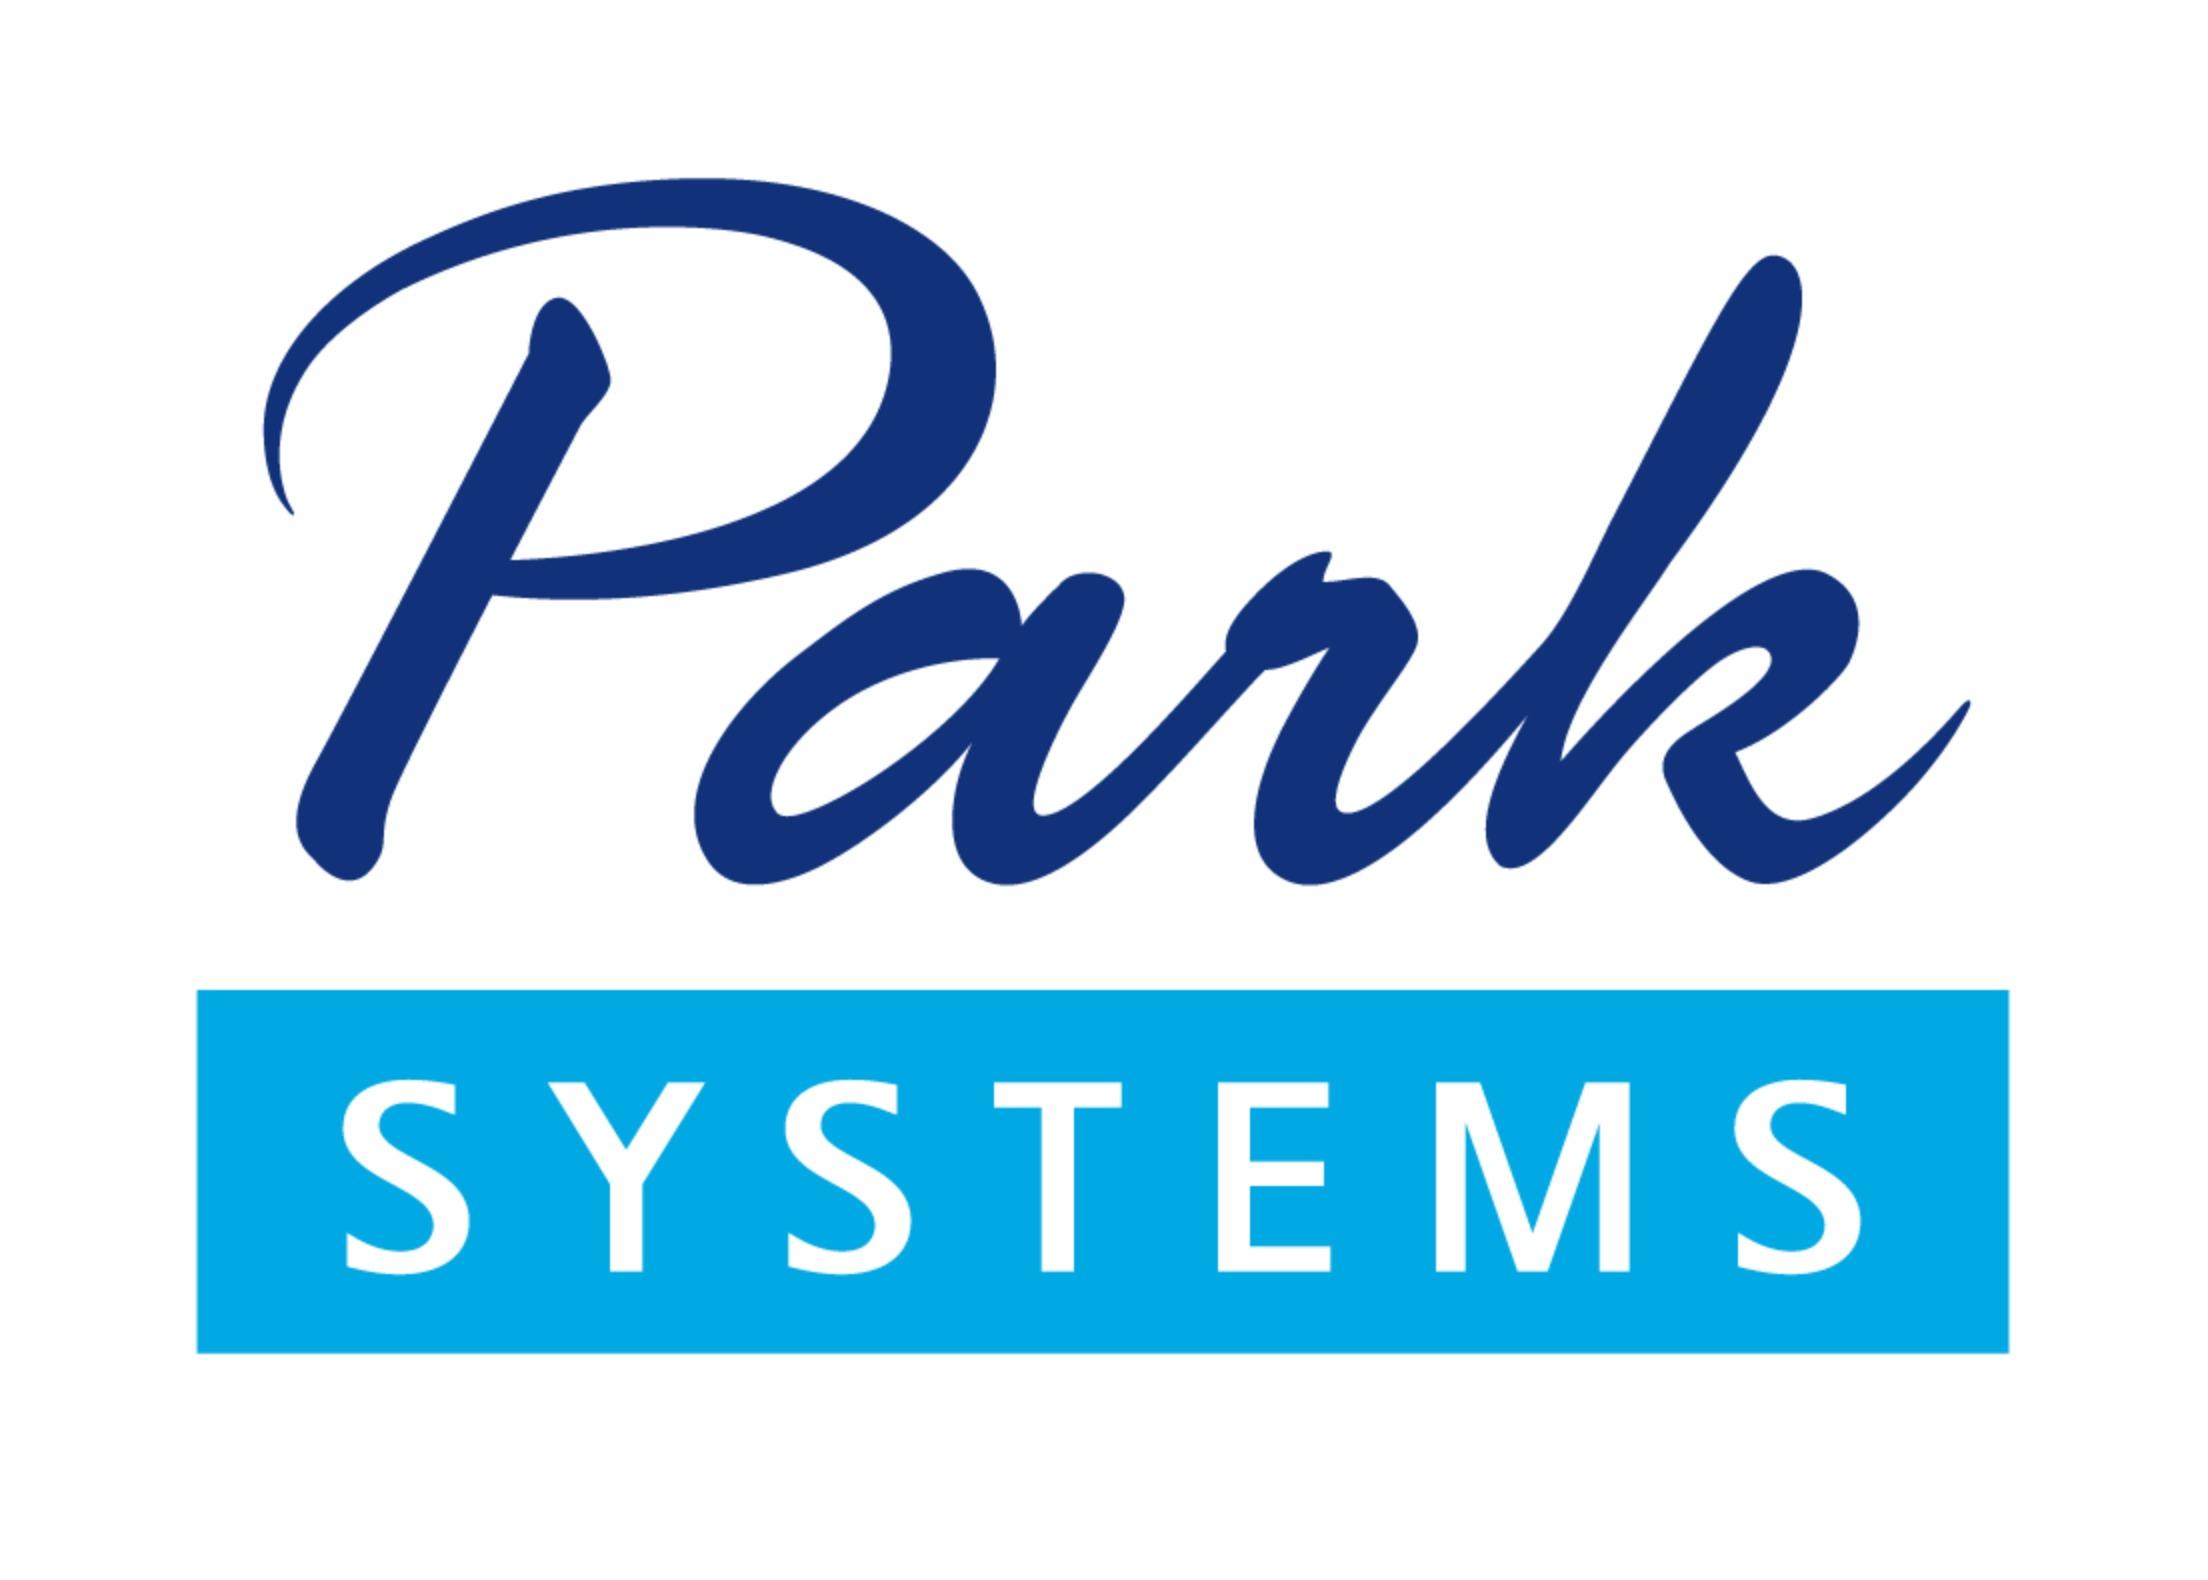 z_park_logo Impressionnant De Gifi Villeneuve D ascq Concept